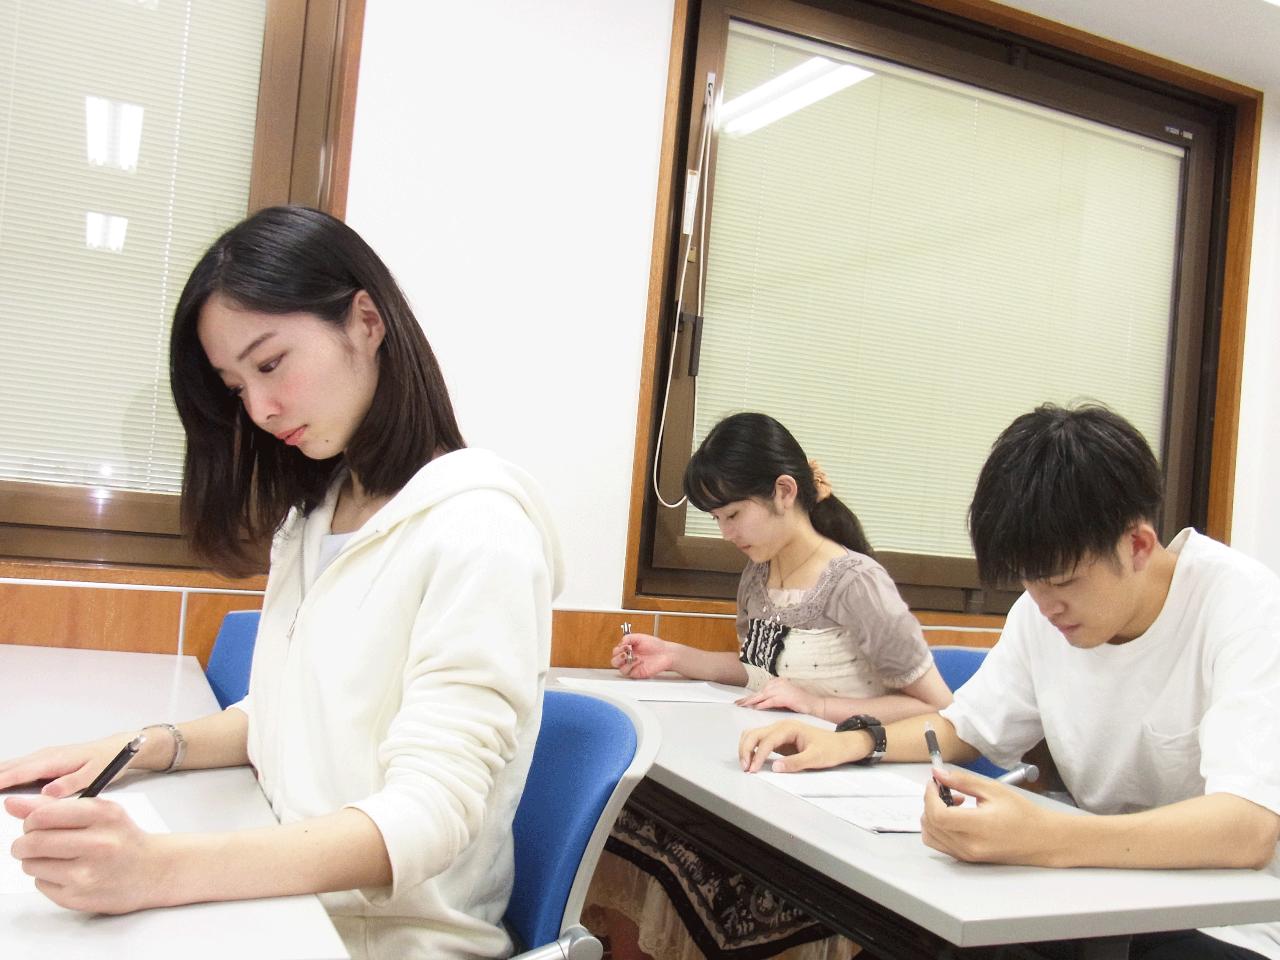 カレッジコースの生徒たち